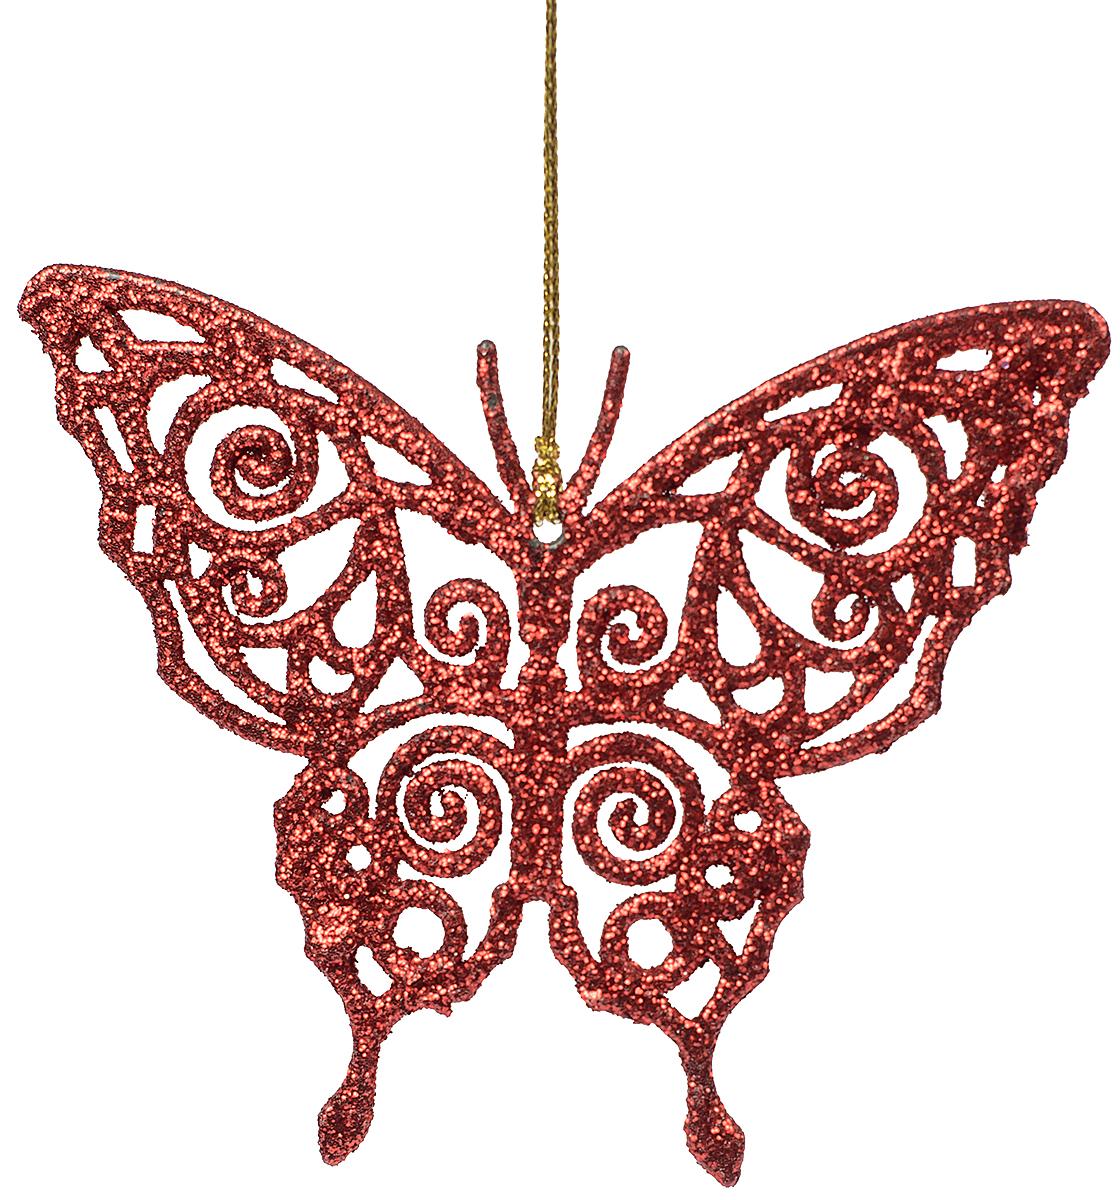 Украшение новогоднее елочное Magic Time Бабочка красная. 7507875078Новогоднее подвесное елочное украшение Бабочка красная из полипропилена, 11х9см, артикул 75078